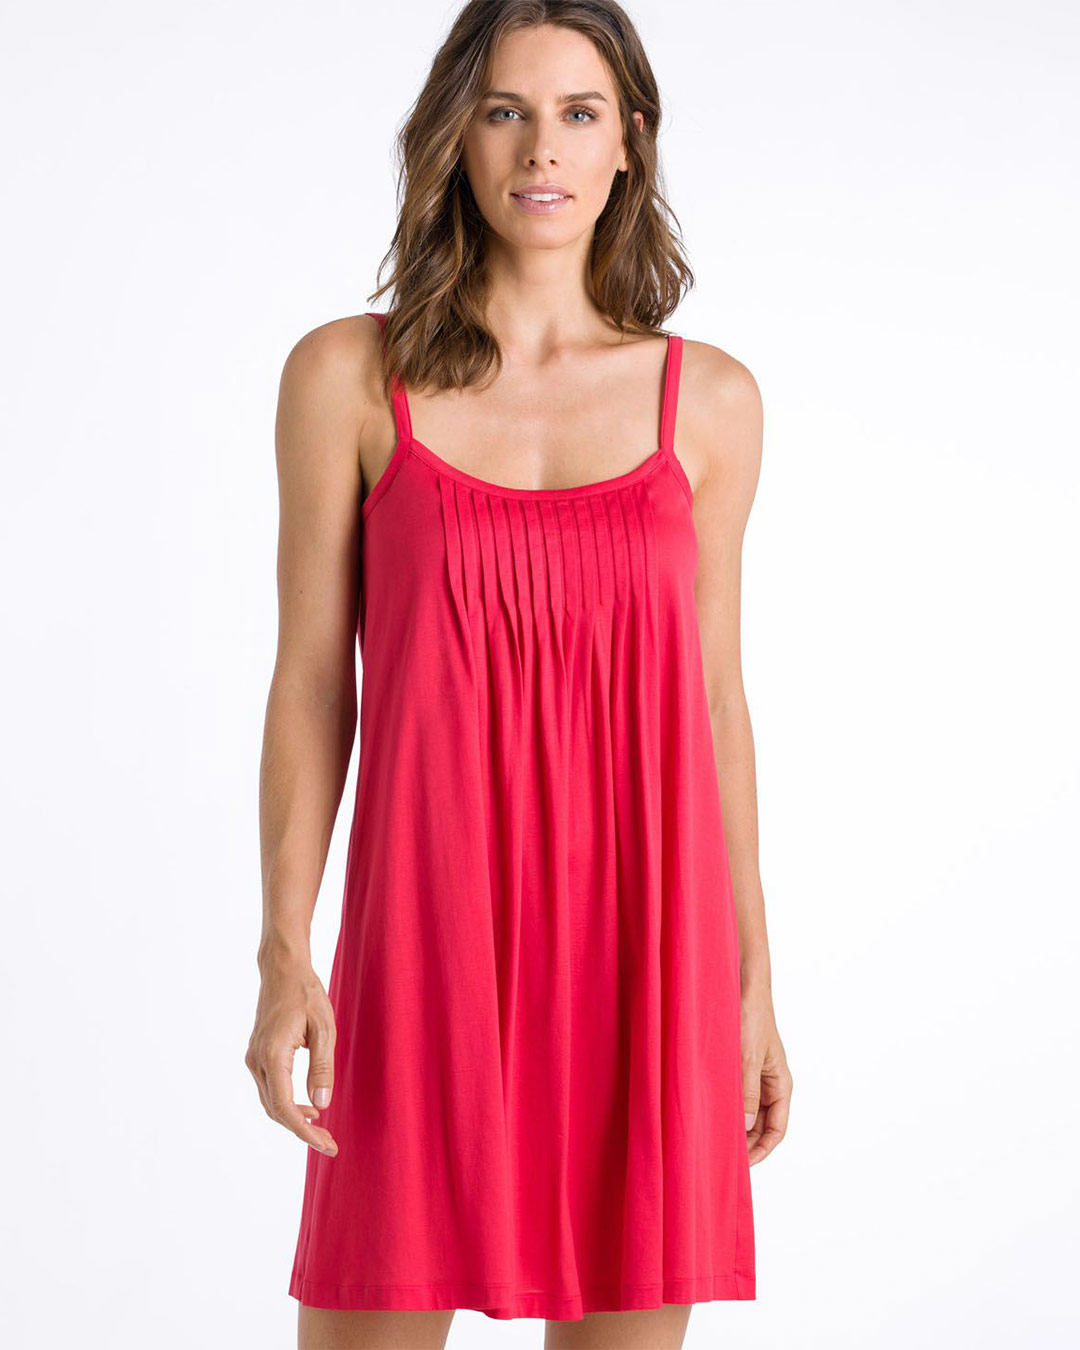 hanro-juliet-chemise-geran-7747-front-dianes-lingerie-vancouver-1080x1080